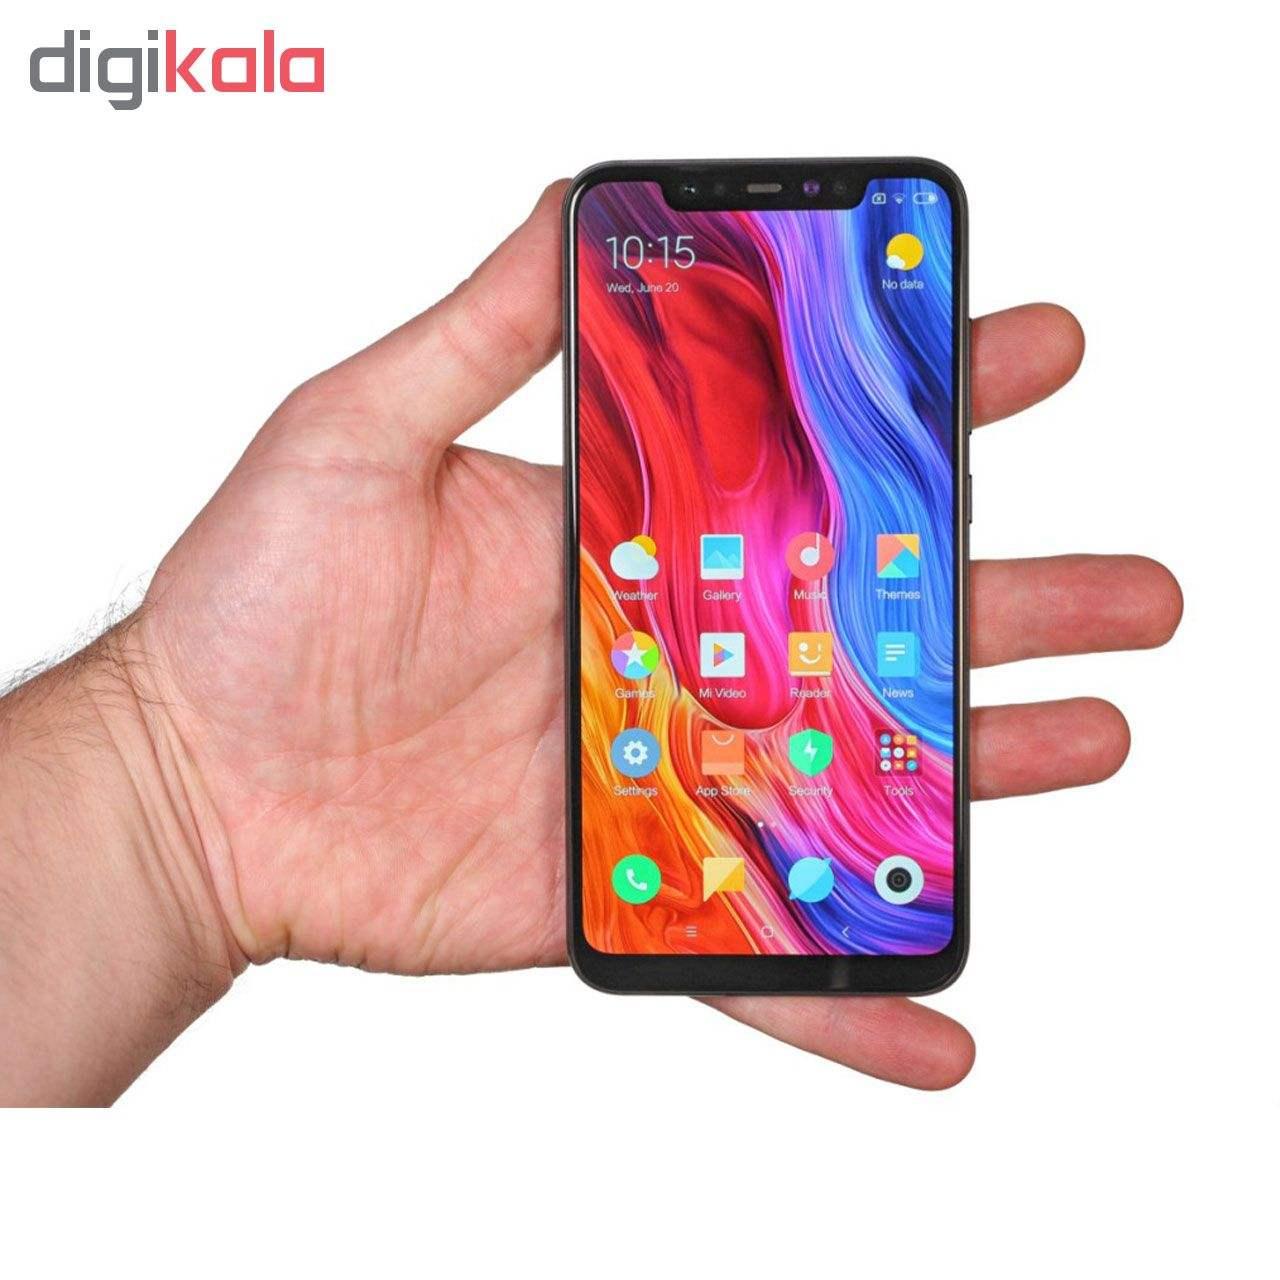 گوشی موبایل شیائومی mi 8 M1803E1A مدل  دو سیم کارت ظرفیت 64 گیگابایت main 1 4